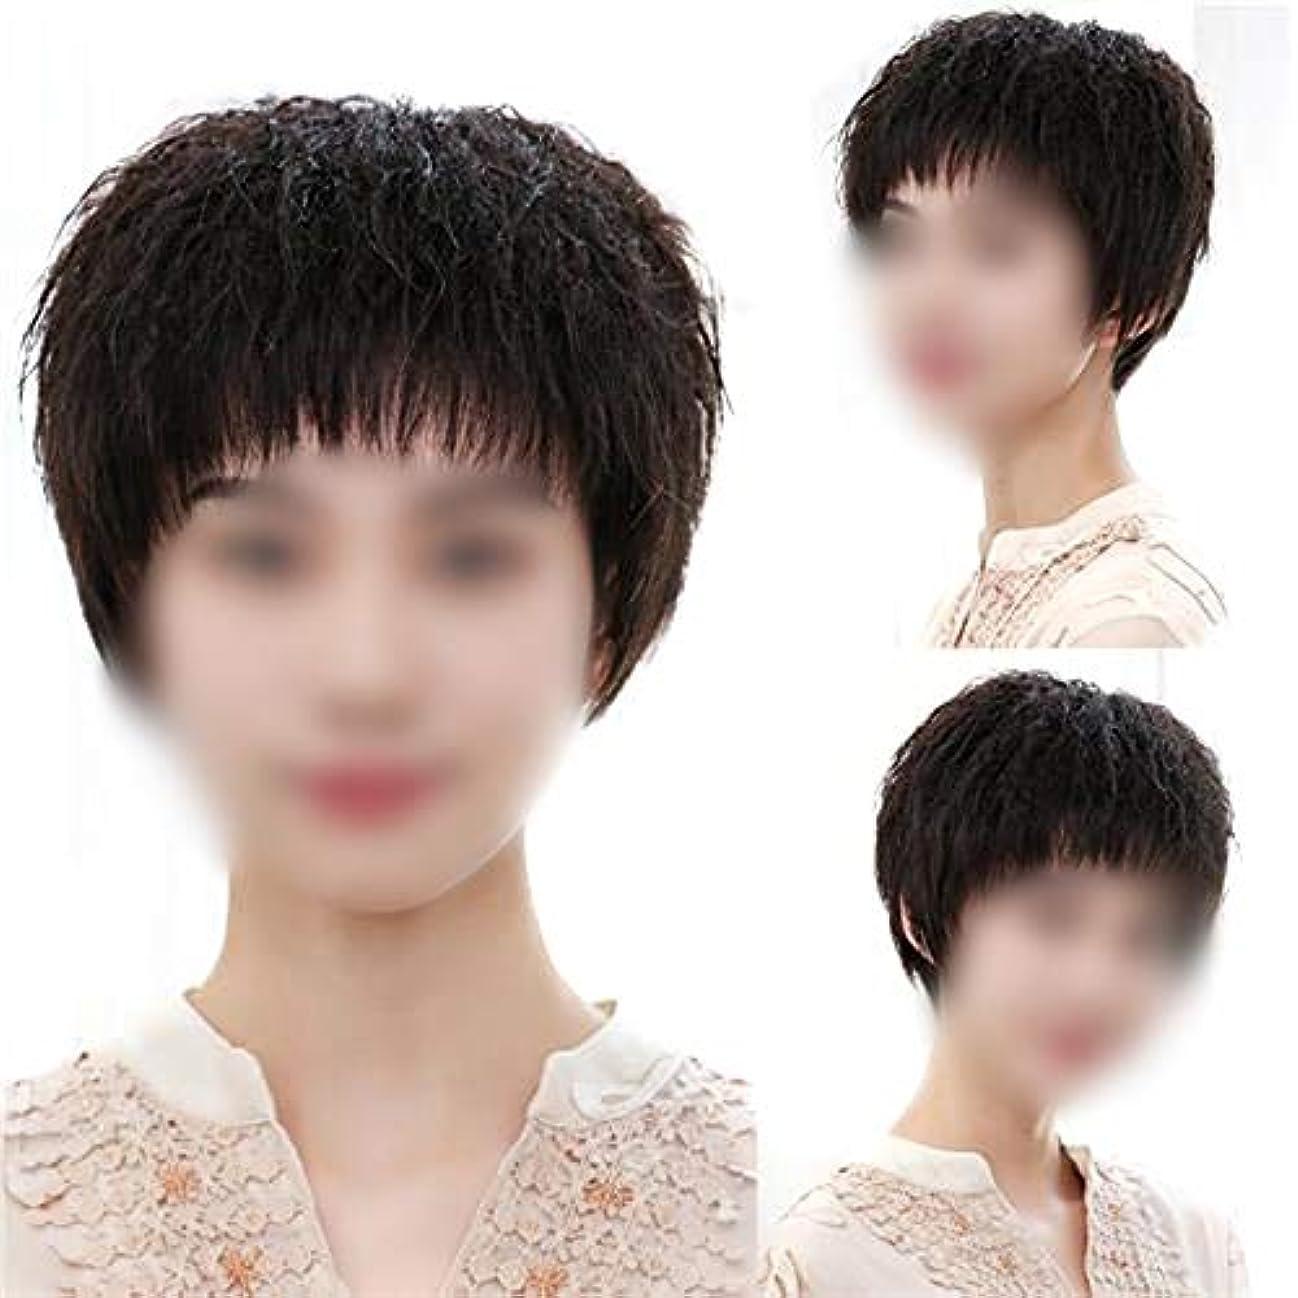 菊対処顕微鏡YOUQIU フル手織り実髪コーンホットショートカーリーヘアウィッグ女性のために現実的なナチュラルウィッグ (色 : Natural black)